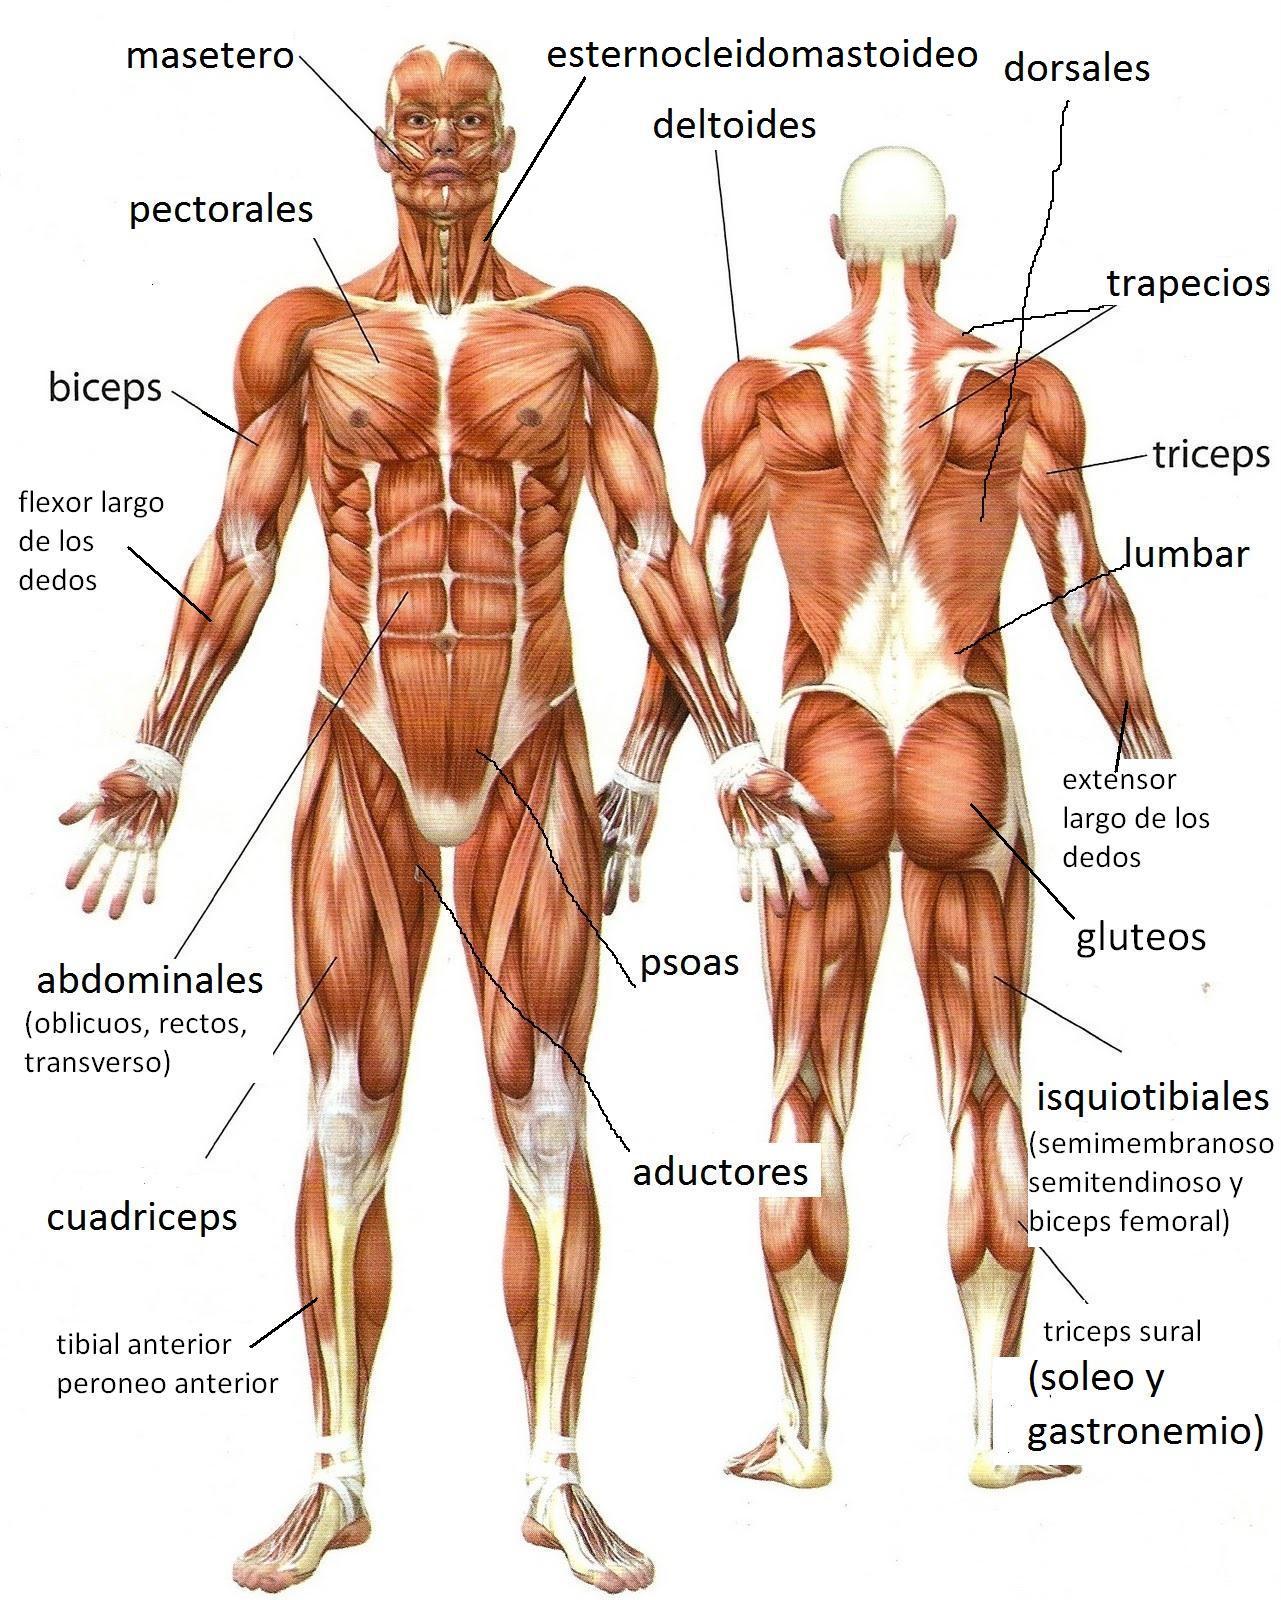 JUDO SICILIA REUS (Shingitai): TAI - Músculos importantes para Judokas